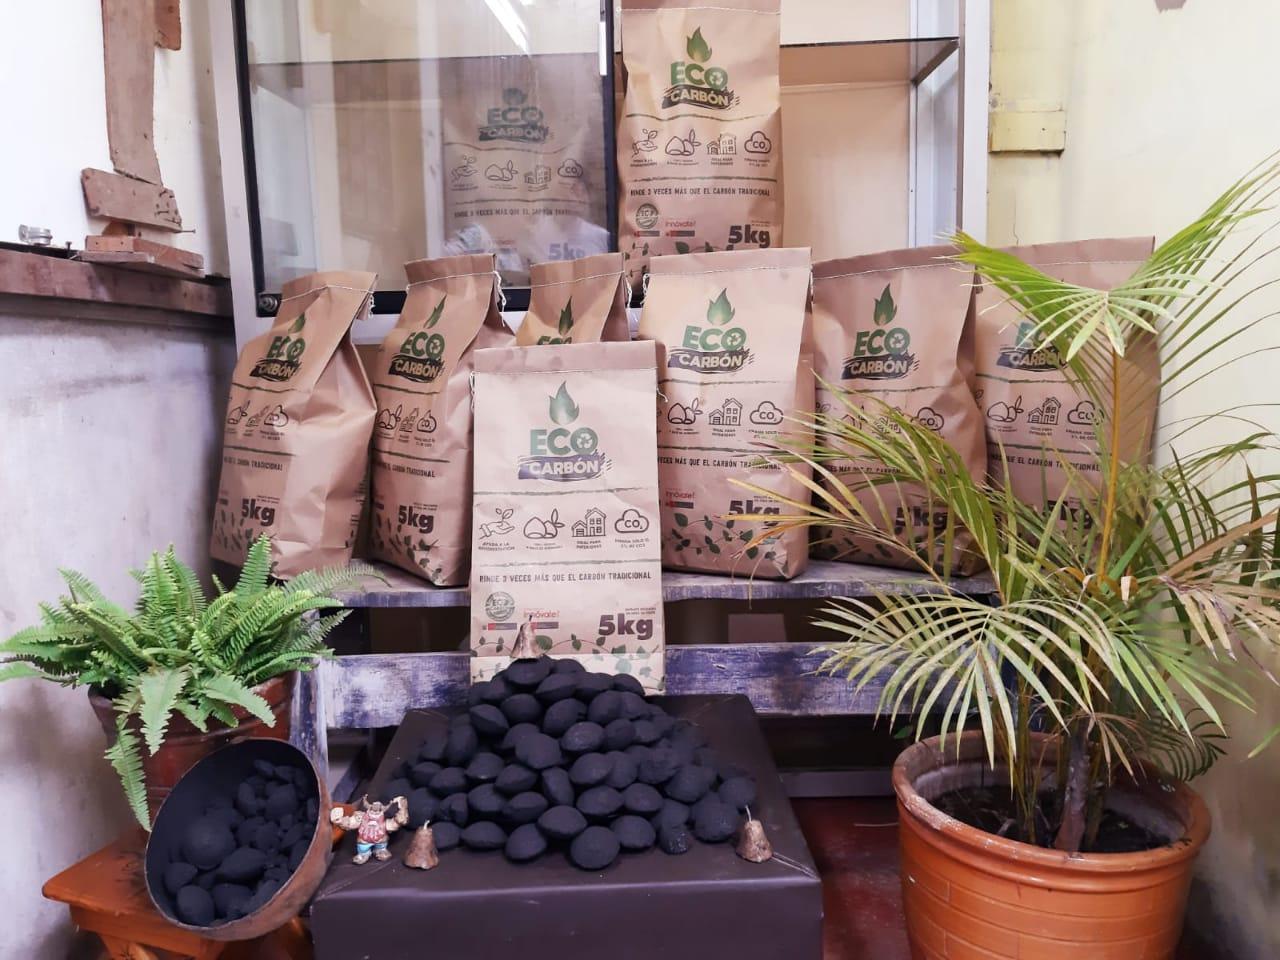 Carbón ecológico reduce la deforestación y la contaminación ambiental